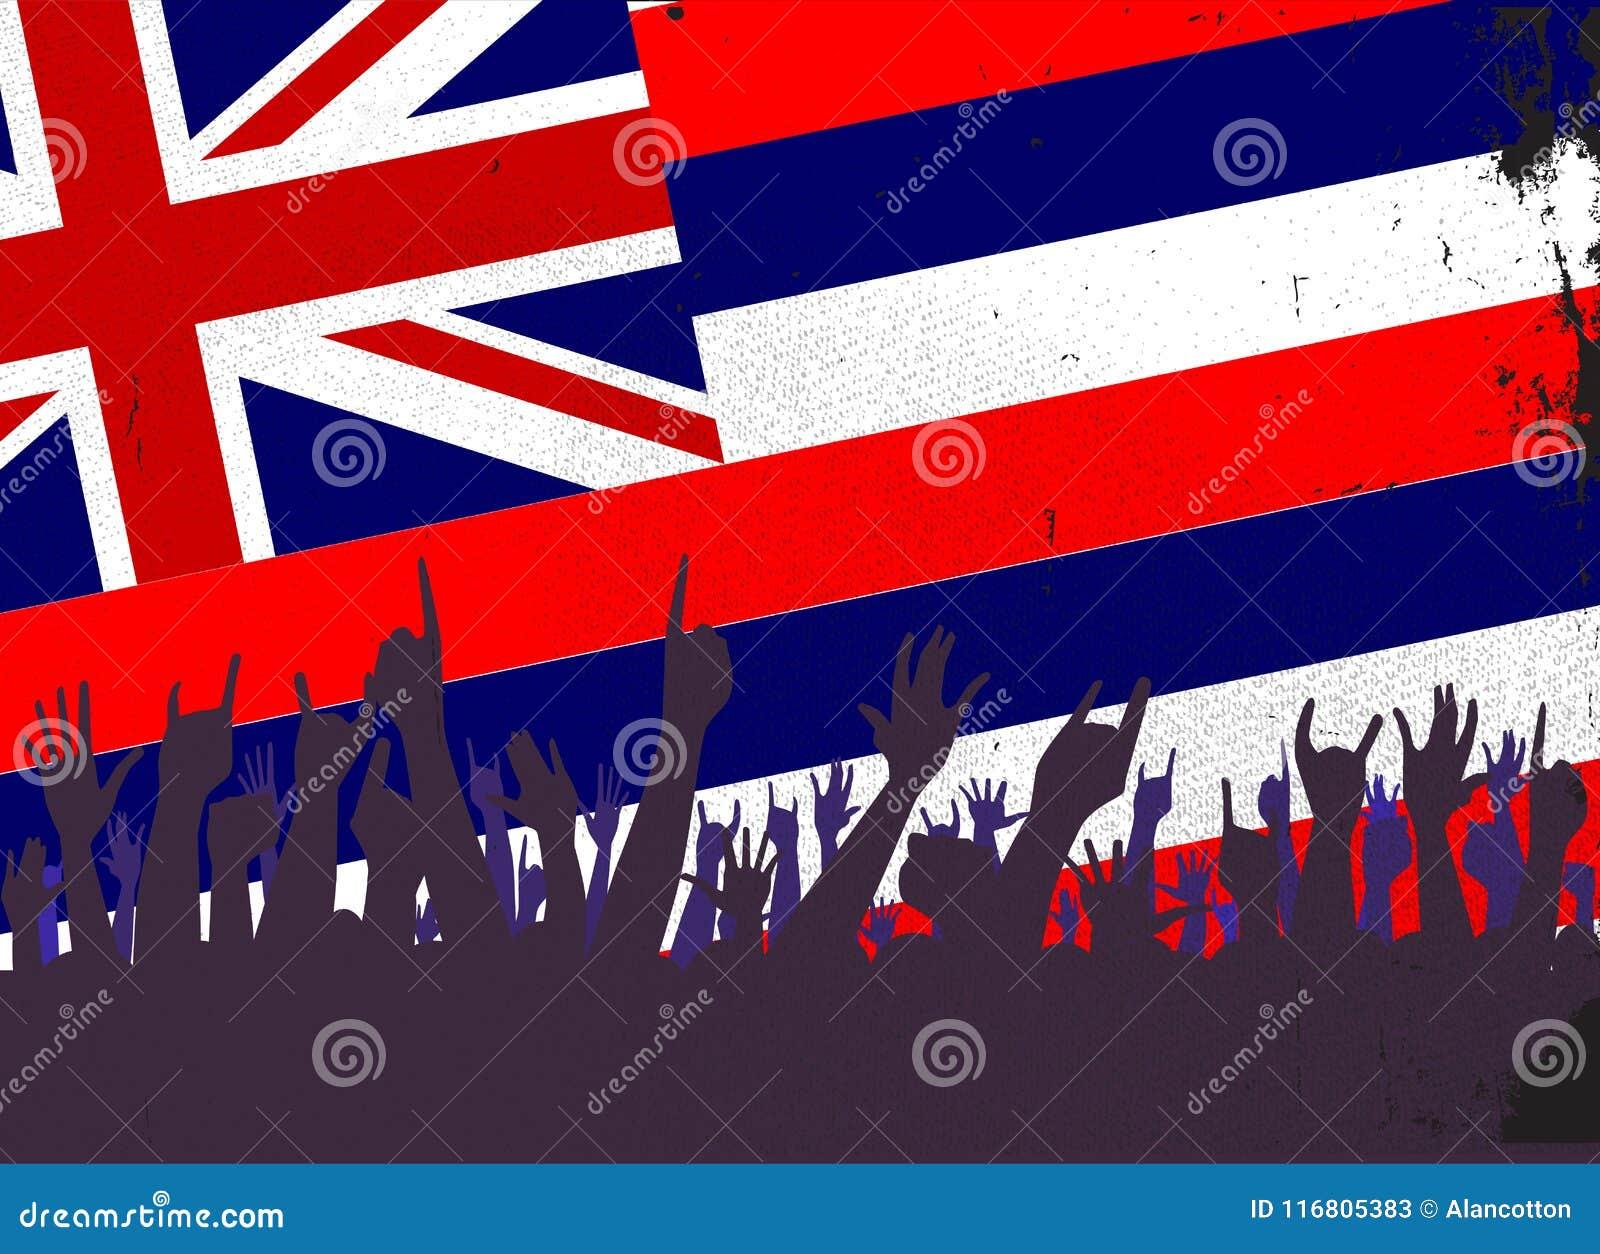 Bandiera dello stato delle Hawai con reazione del pubblico